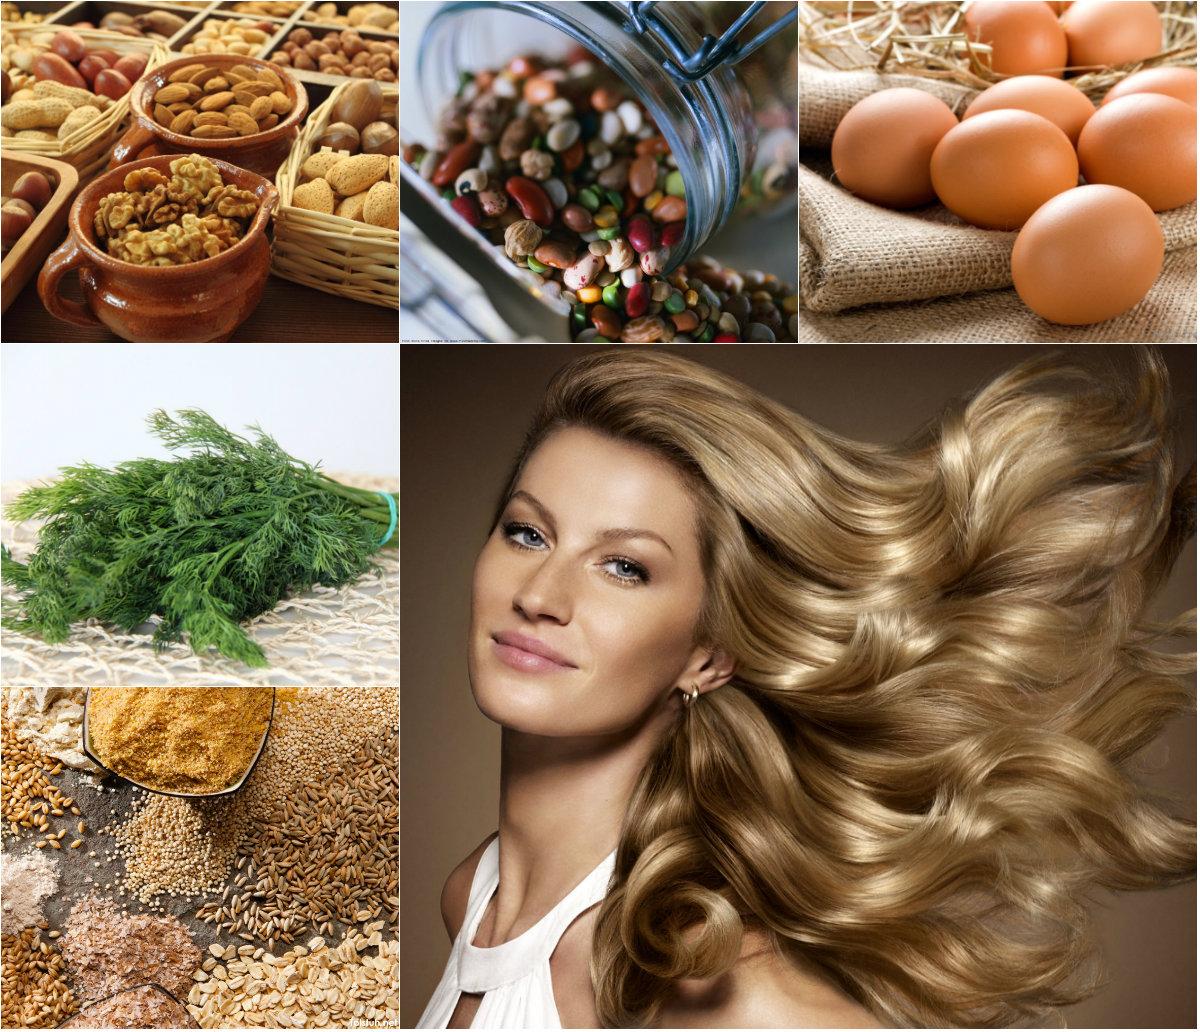 Витамины для волос от выпадения, минералы для роста волос | food and health